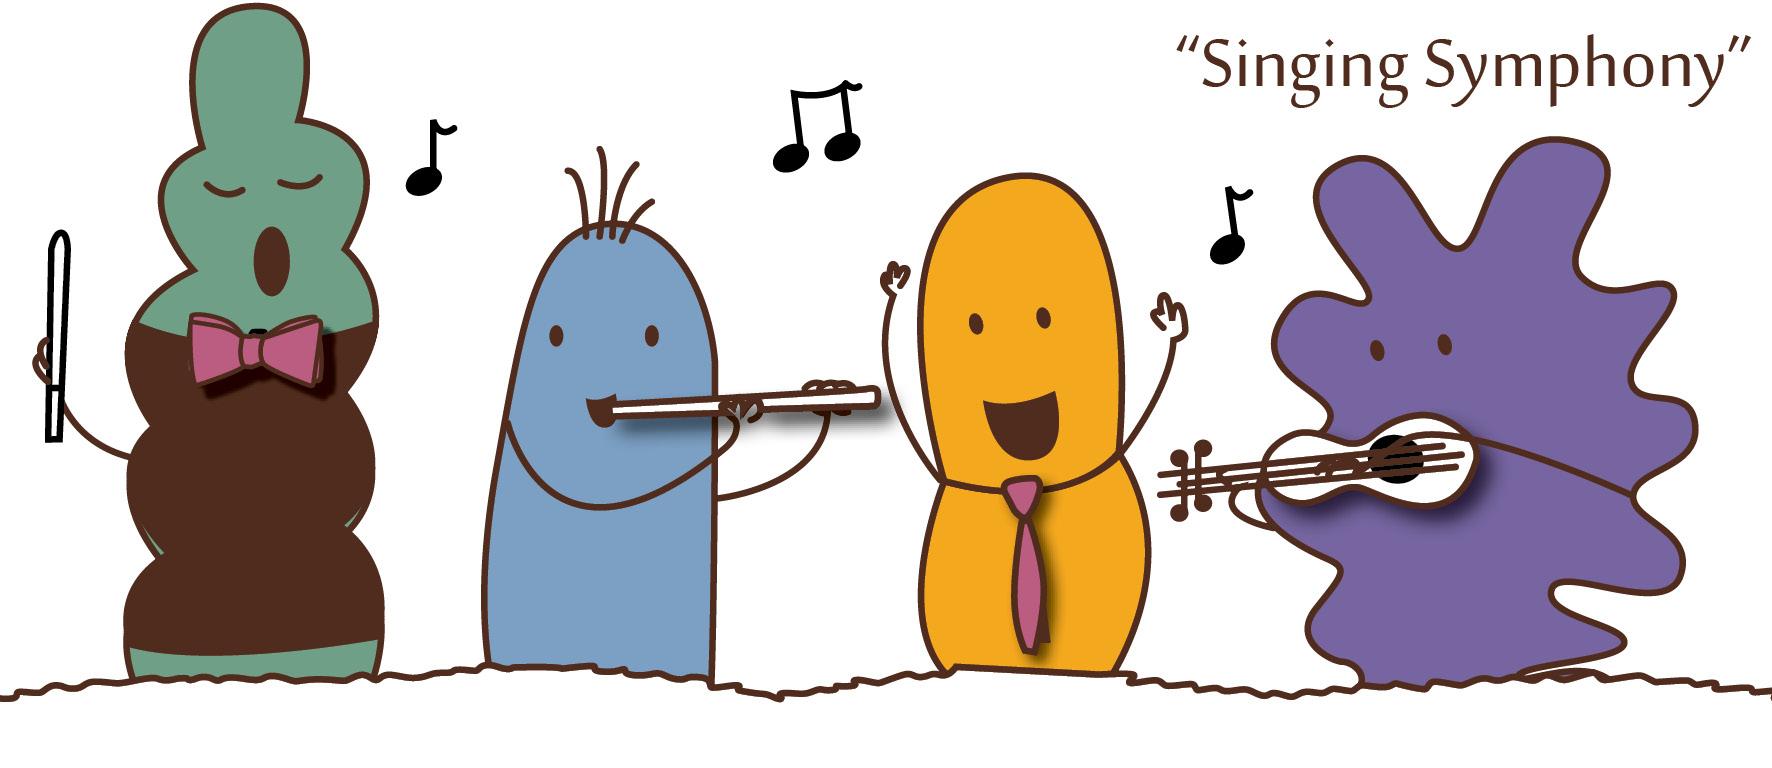 Singing Symphony